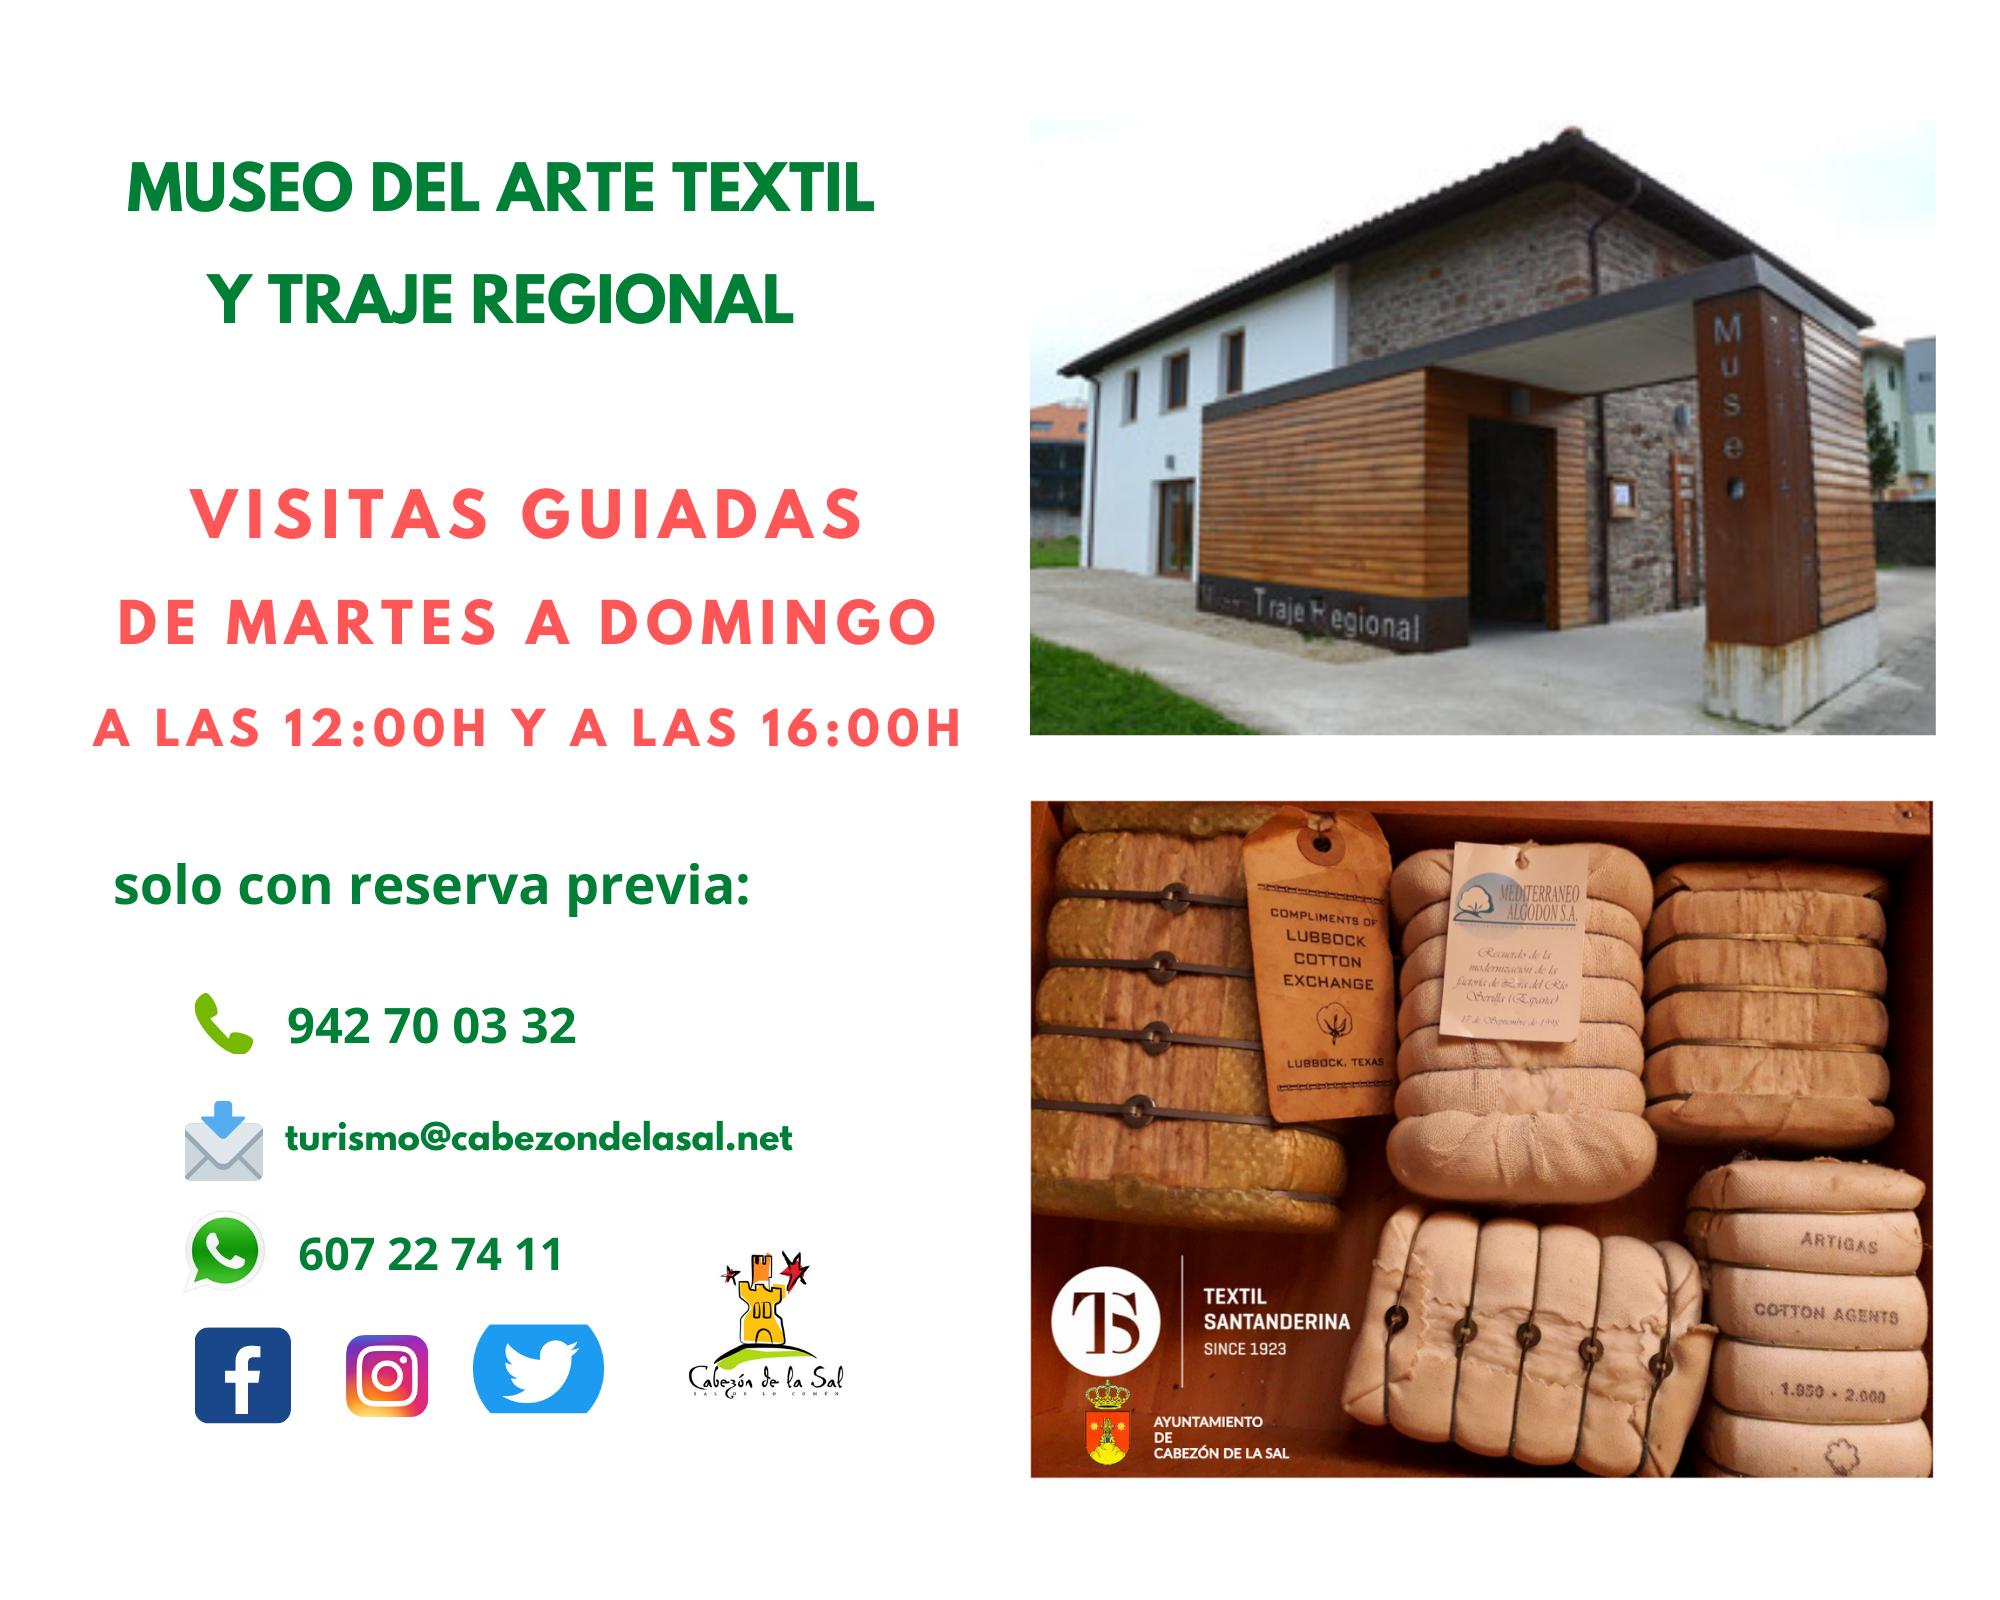 HORARIO DEL MUSEO DEL ARTE TEXTIL